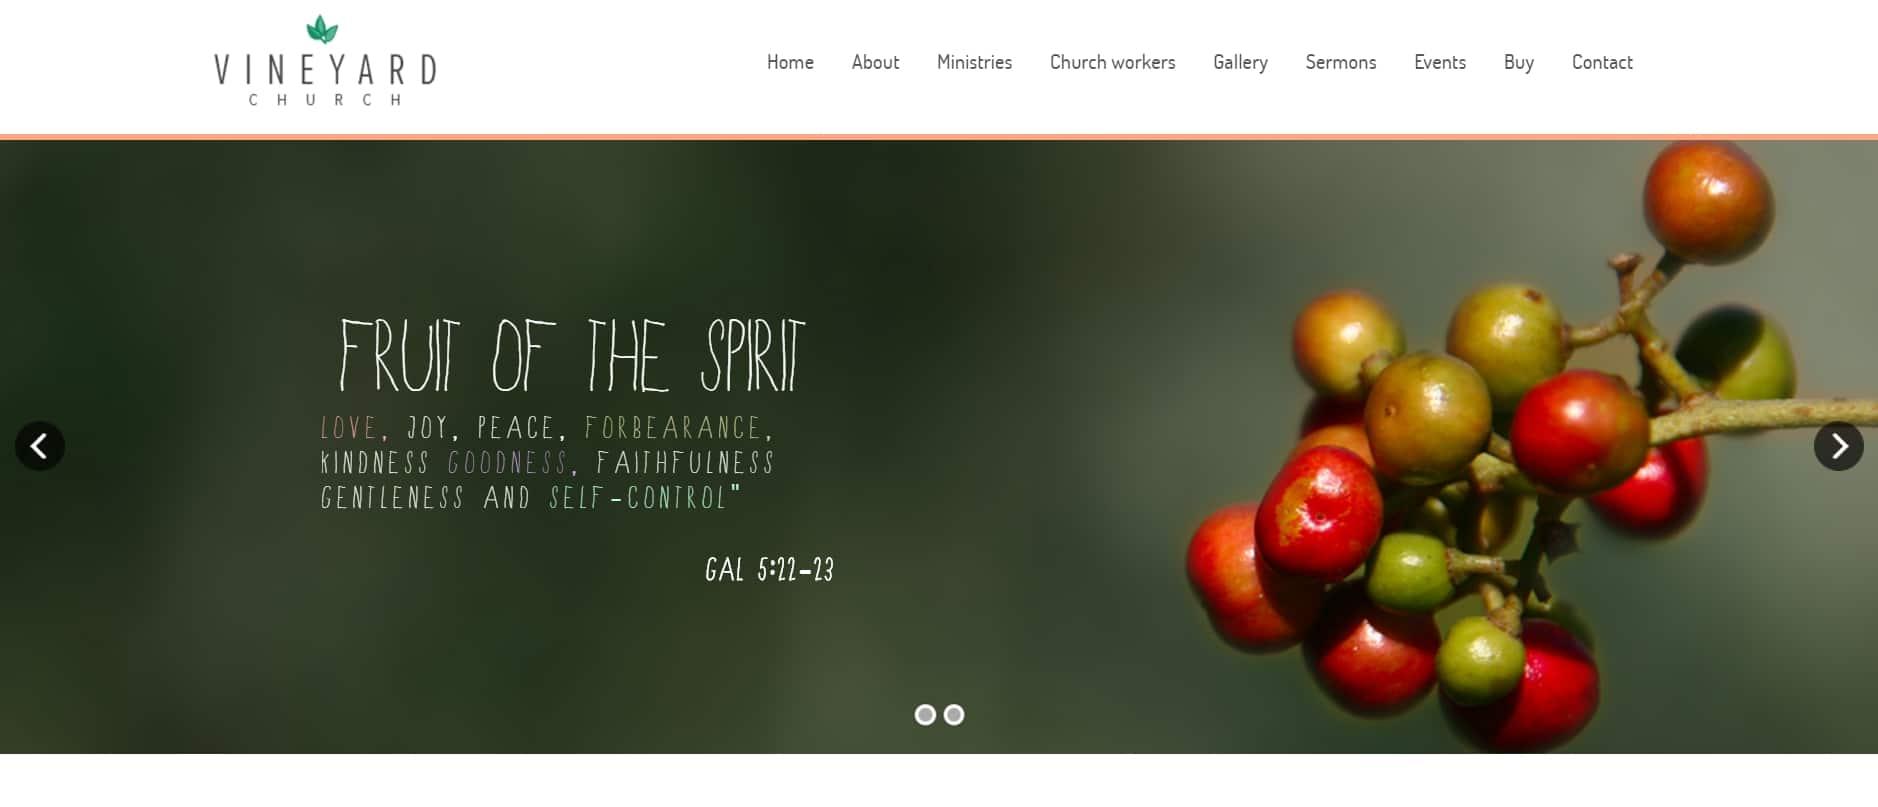 Vineyard Church website template